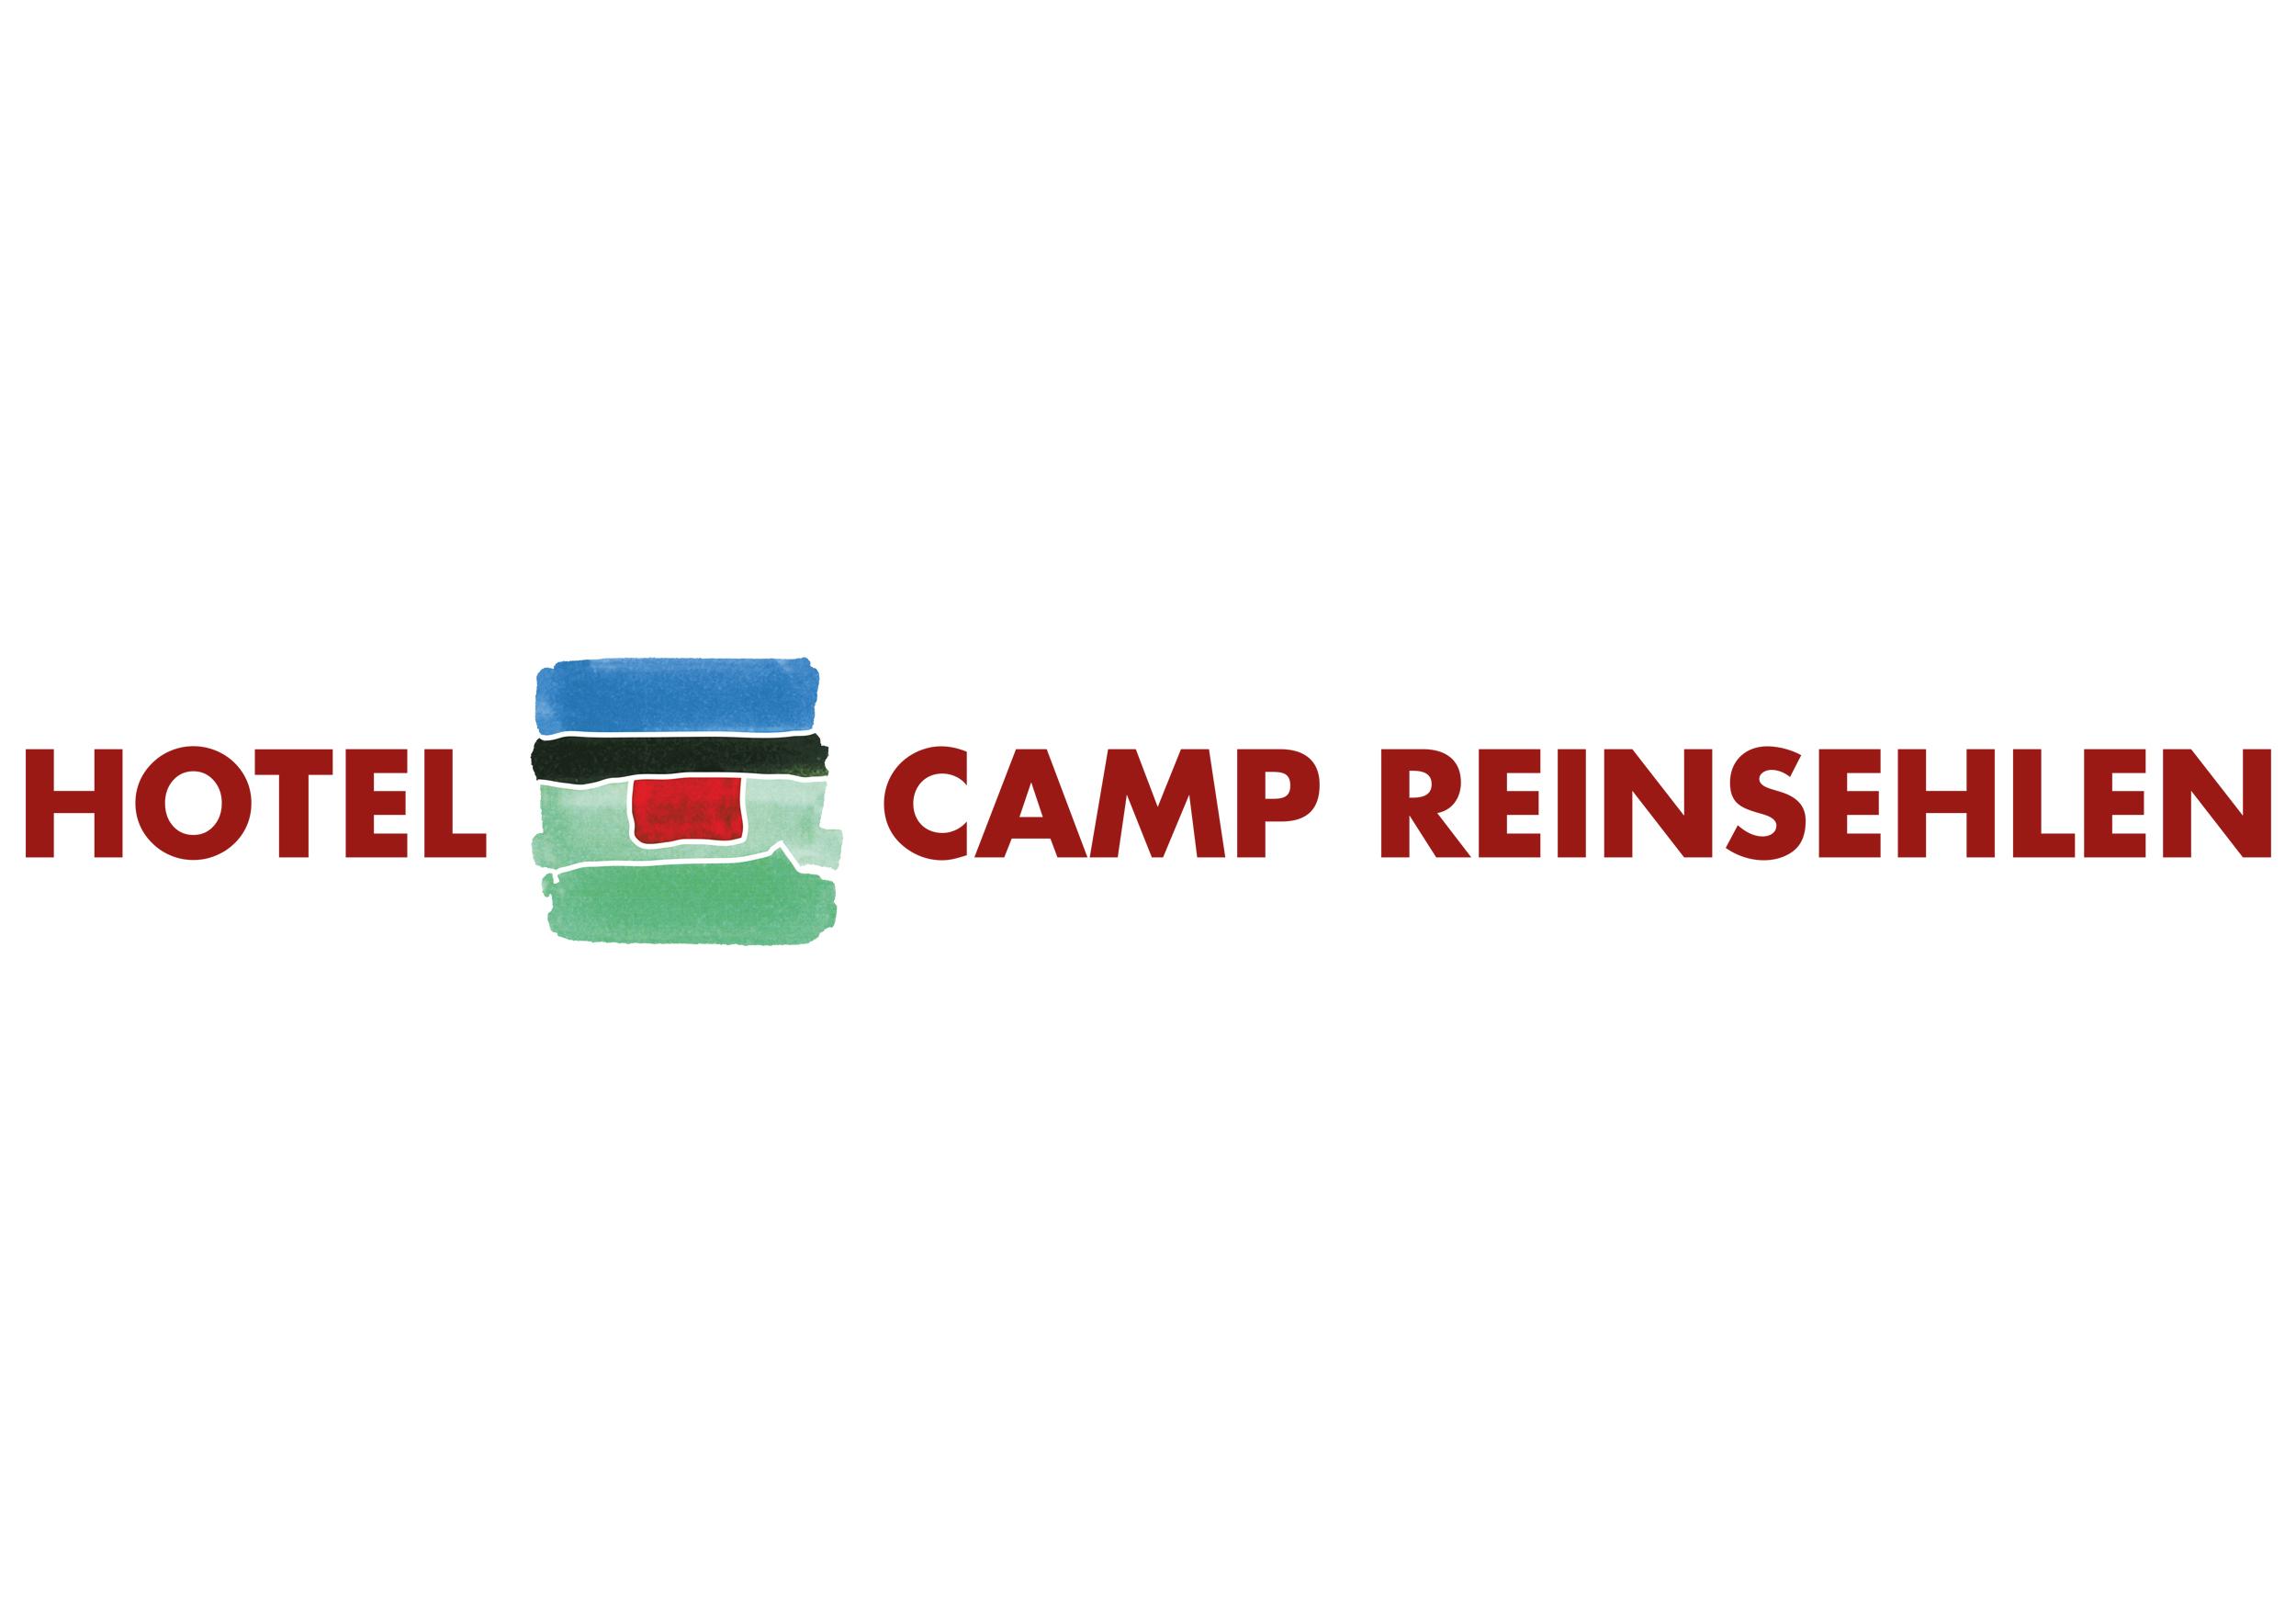 bzb_web_hotelcamp_reinsehlen_logo_2500x1768.jpg